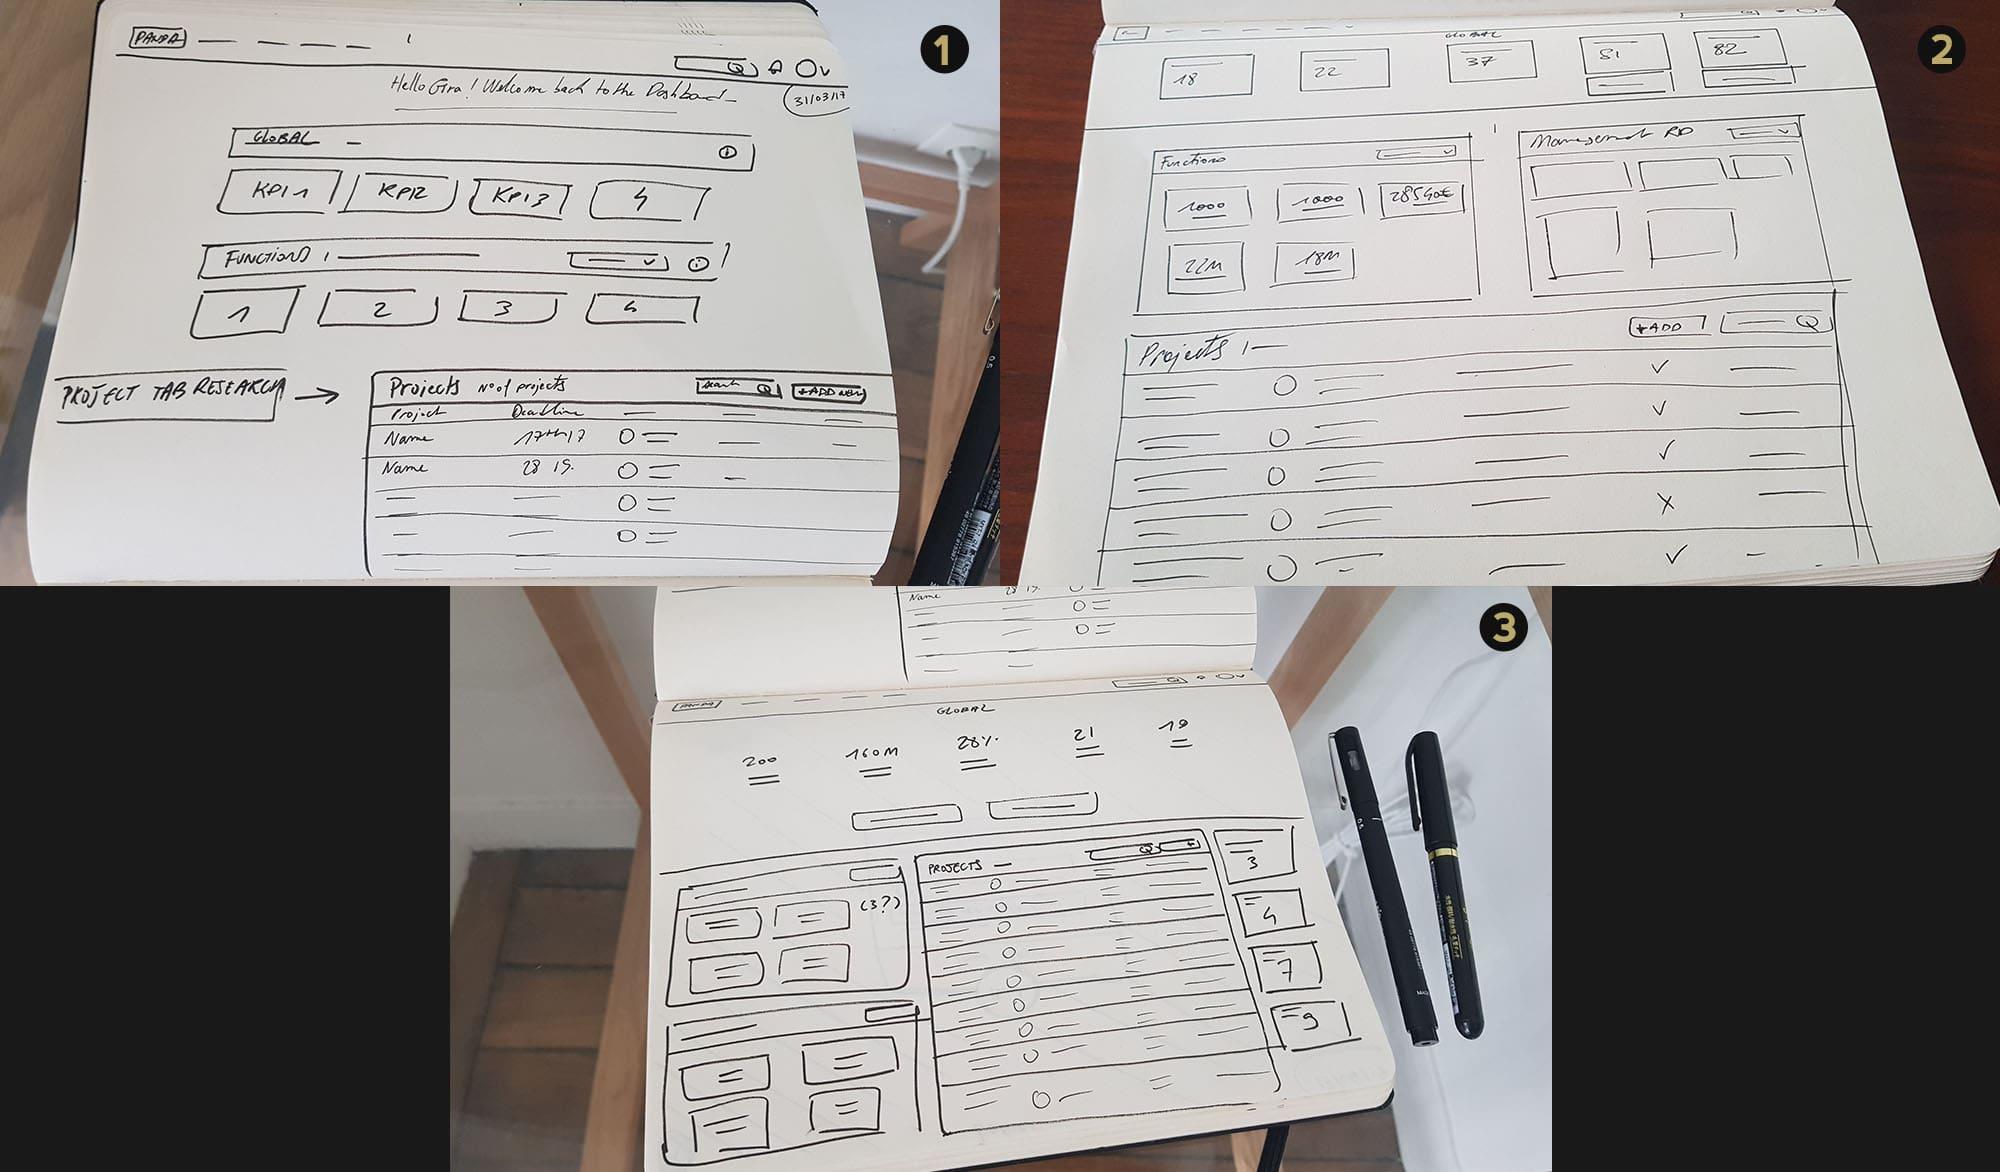 ux-design-wireframes-homepage-panda-dashboard-renault-digital